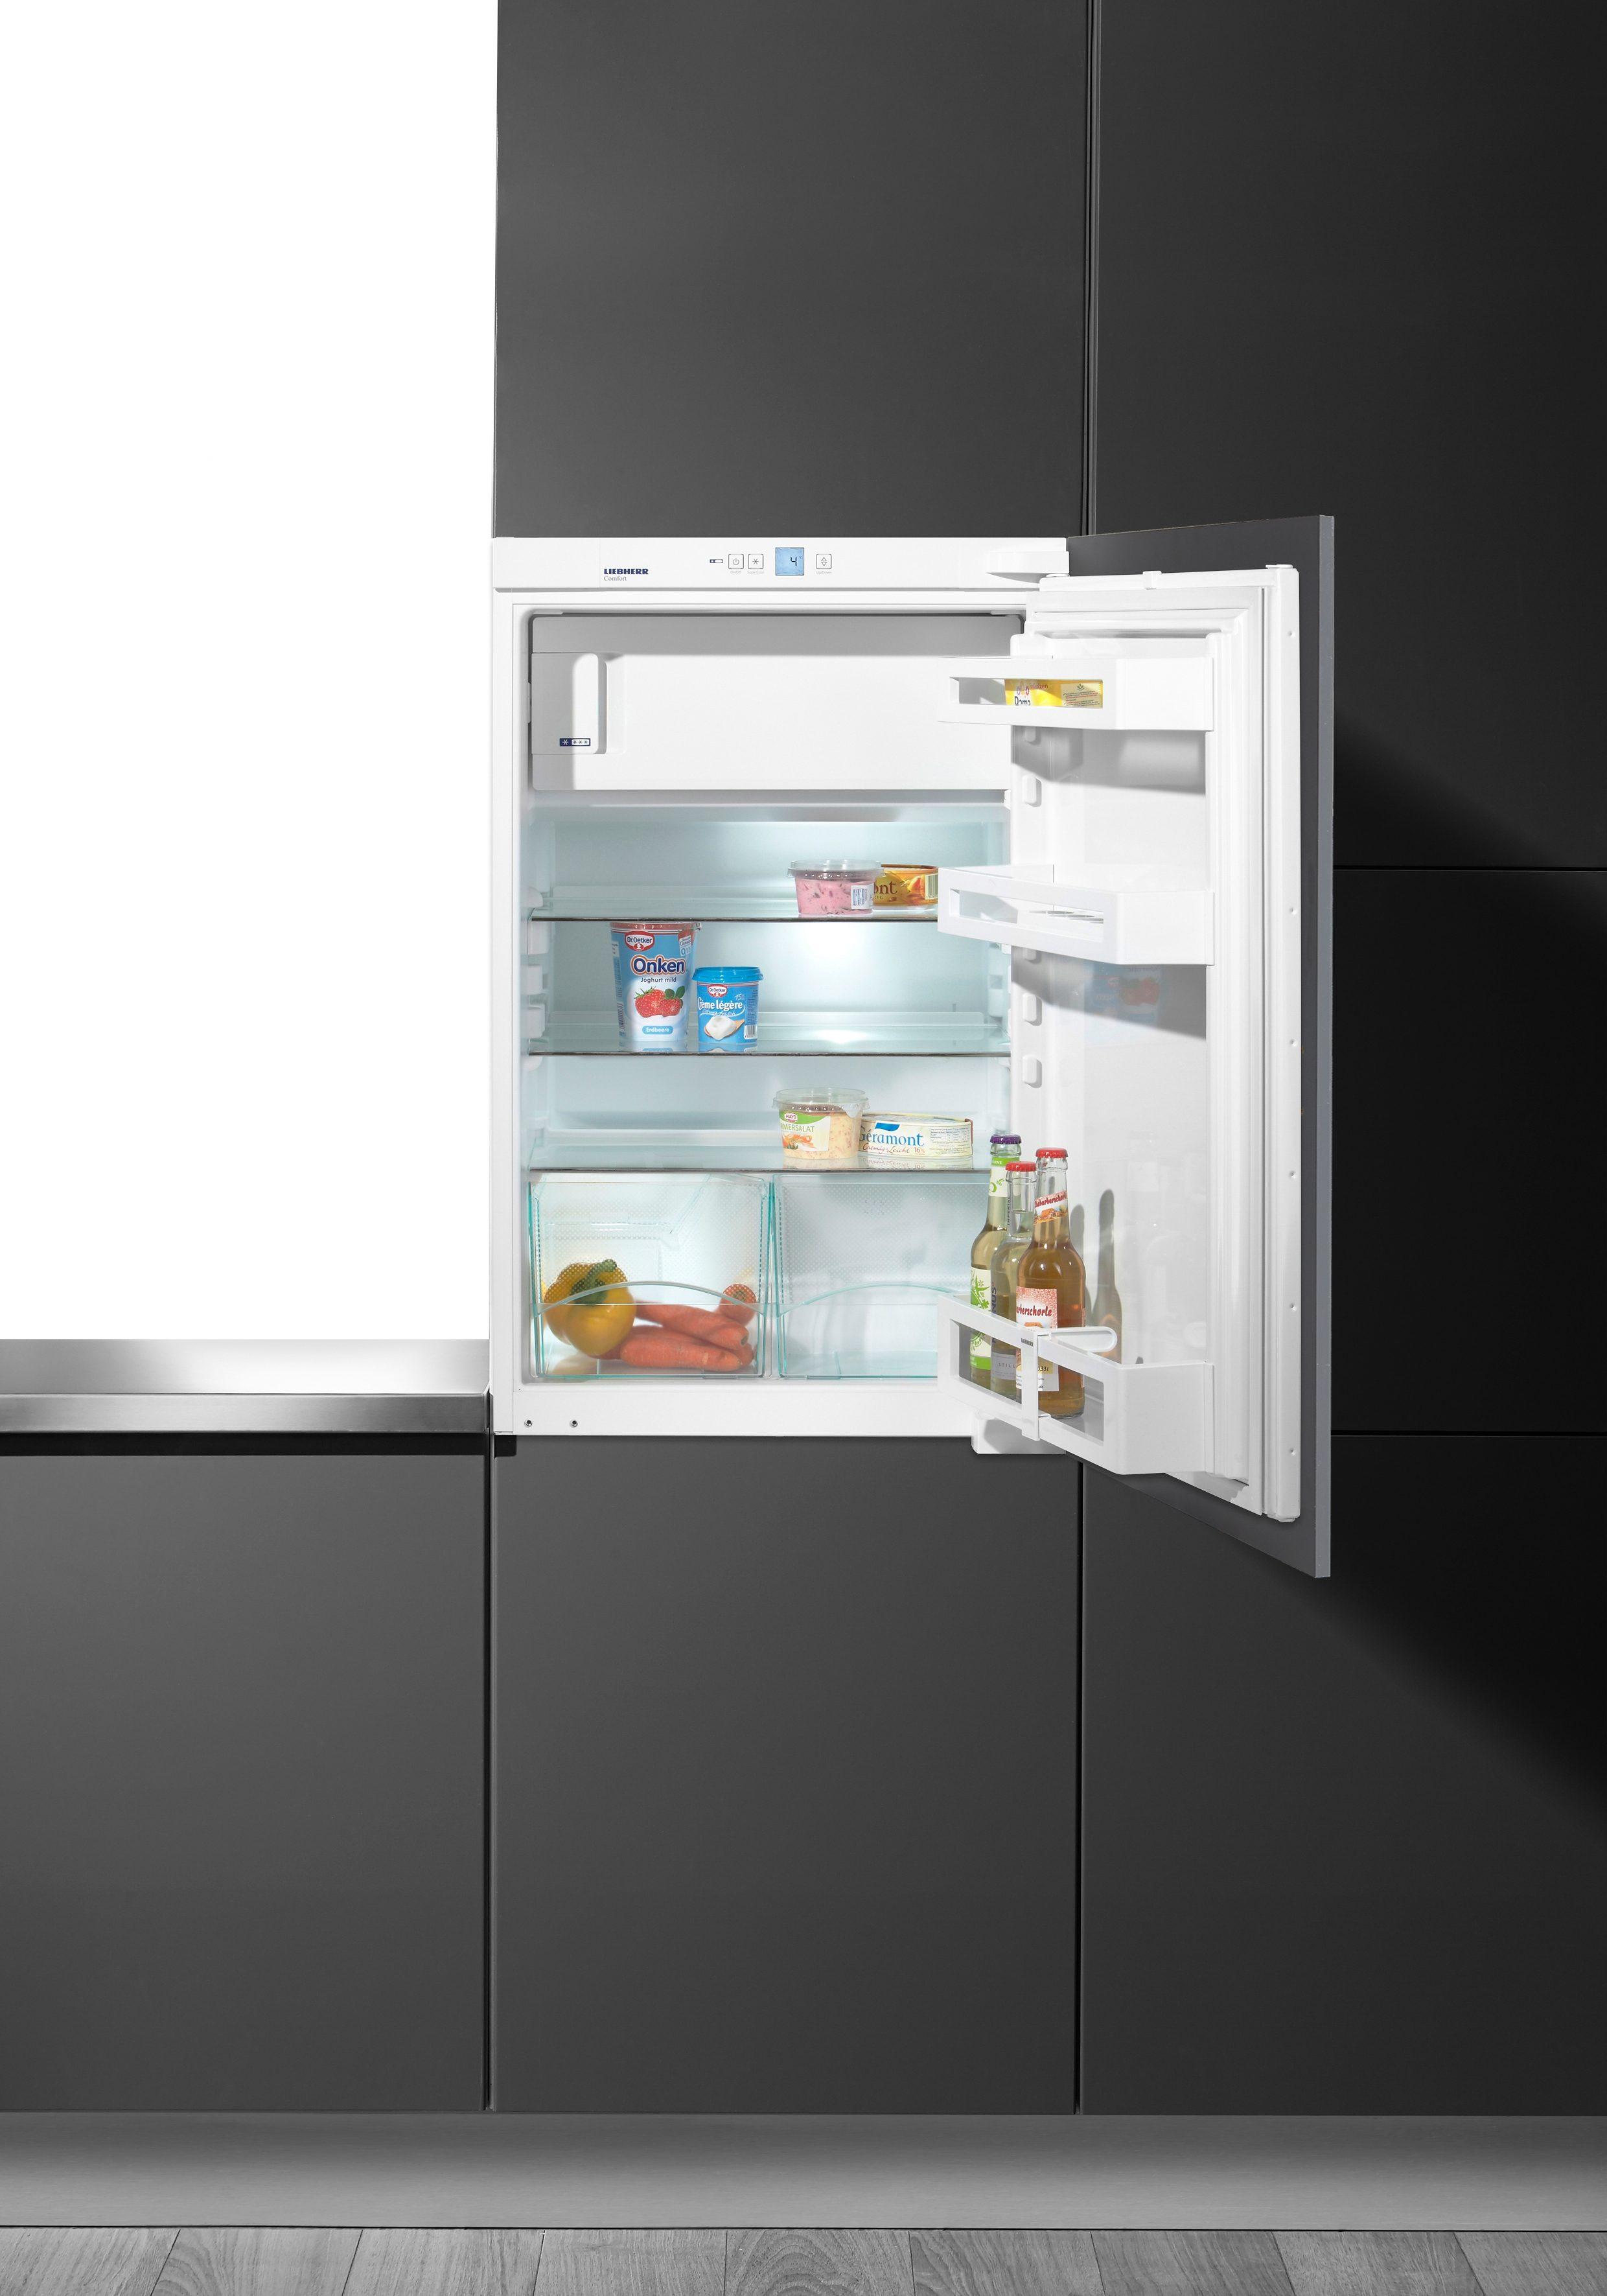 Liebherr integrierbarer Einbau-Kühlschrank IKS 1614, A++, 88er Nische